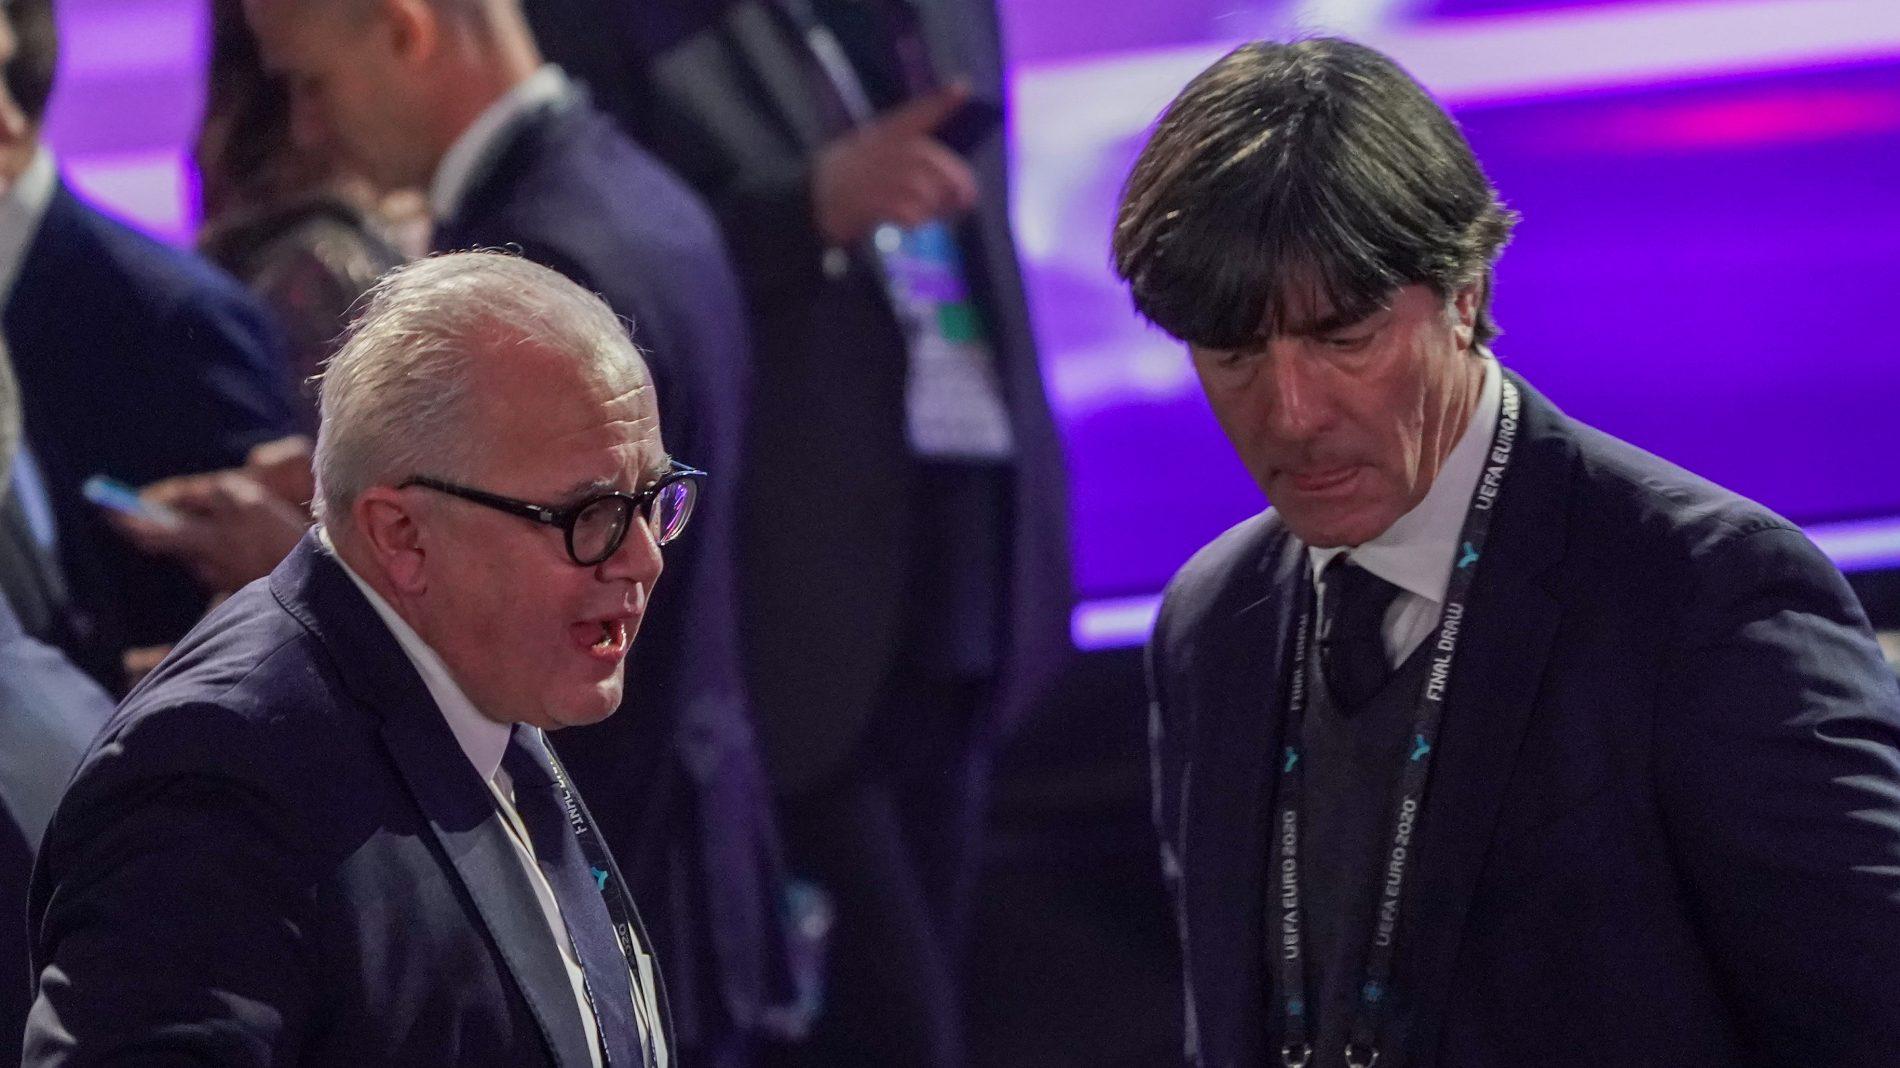 德媒:劝说下课遭拒绝,德国足协主席和勒夫关系破裂